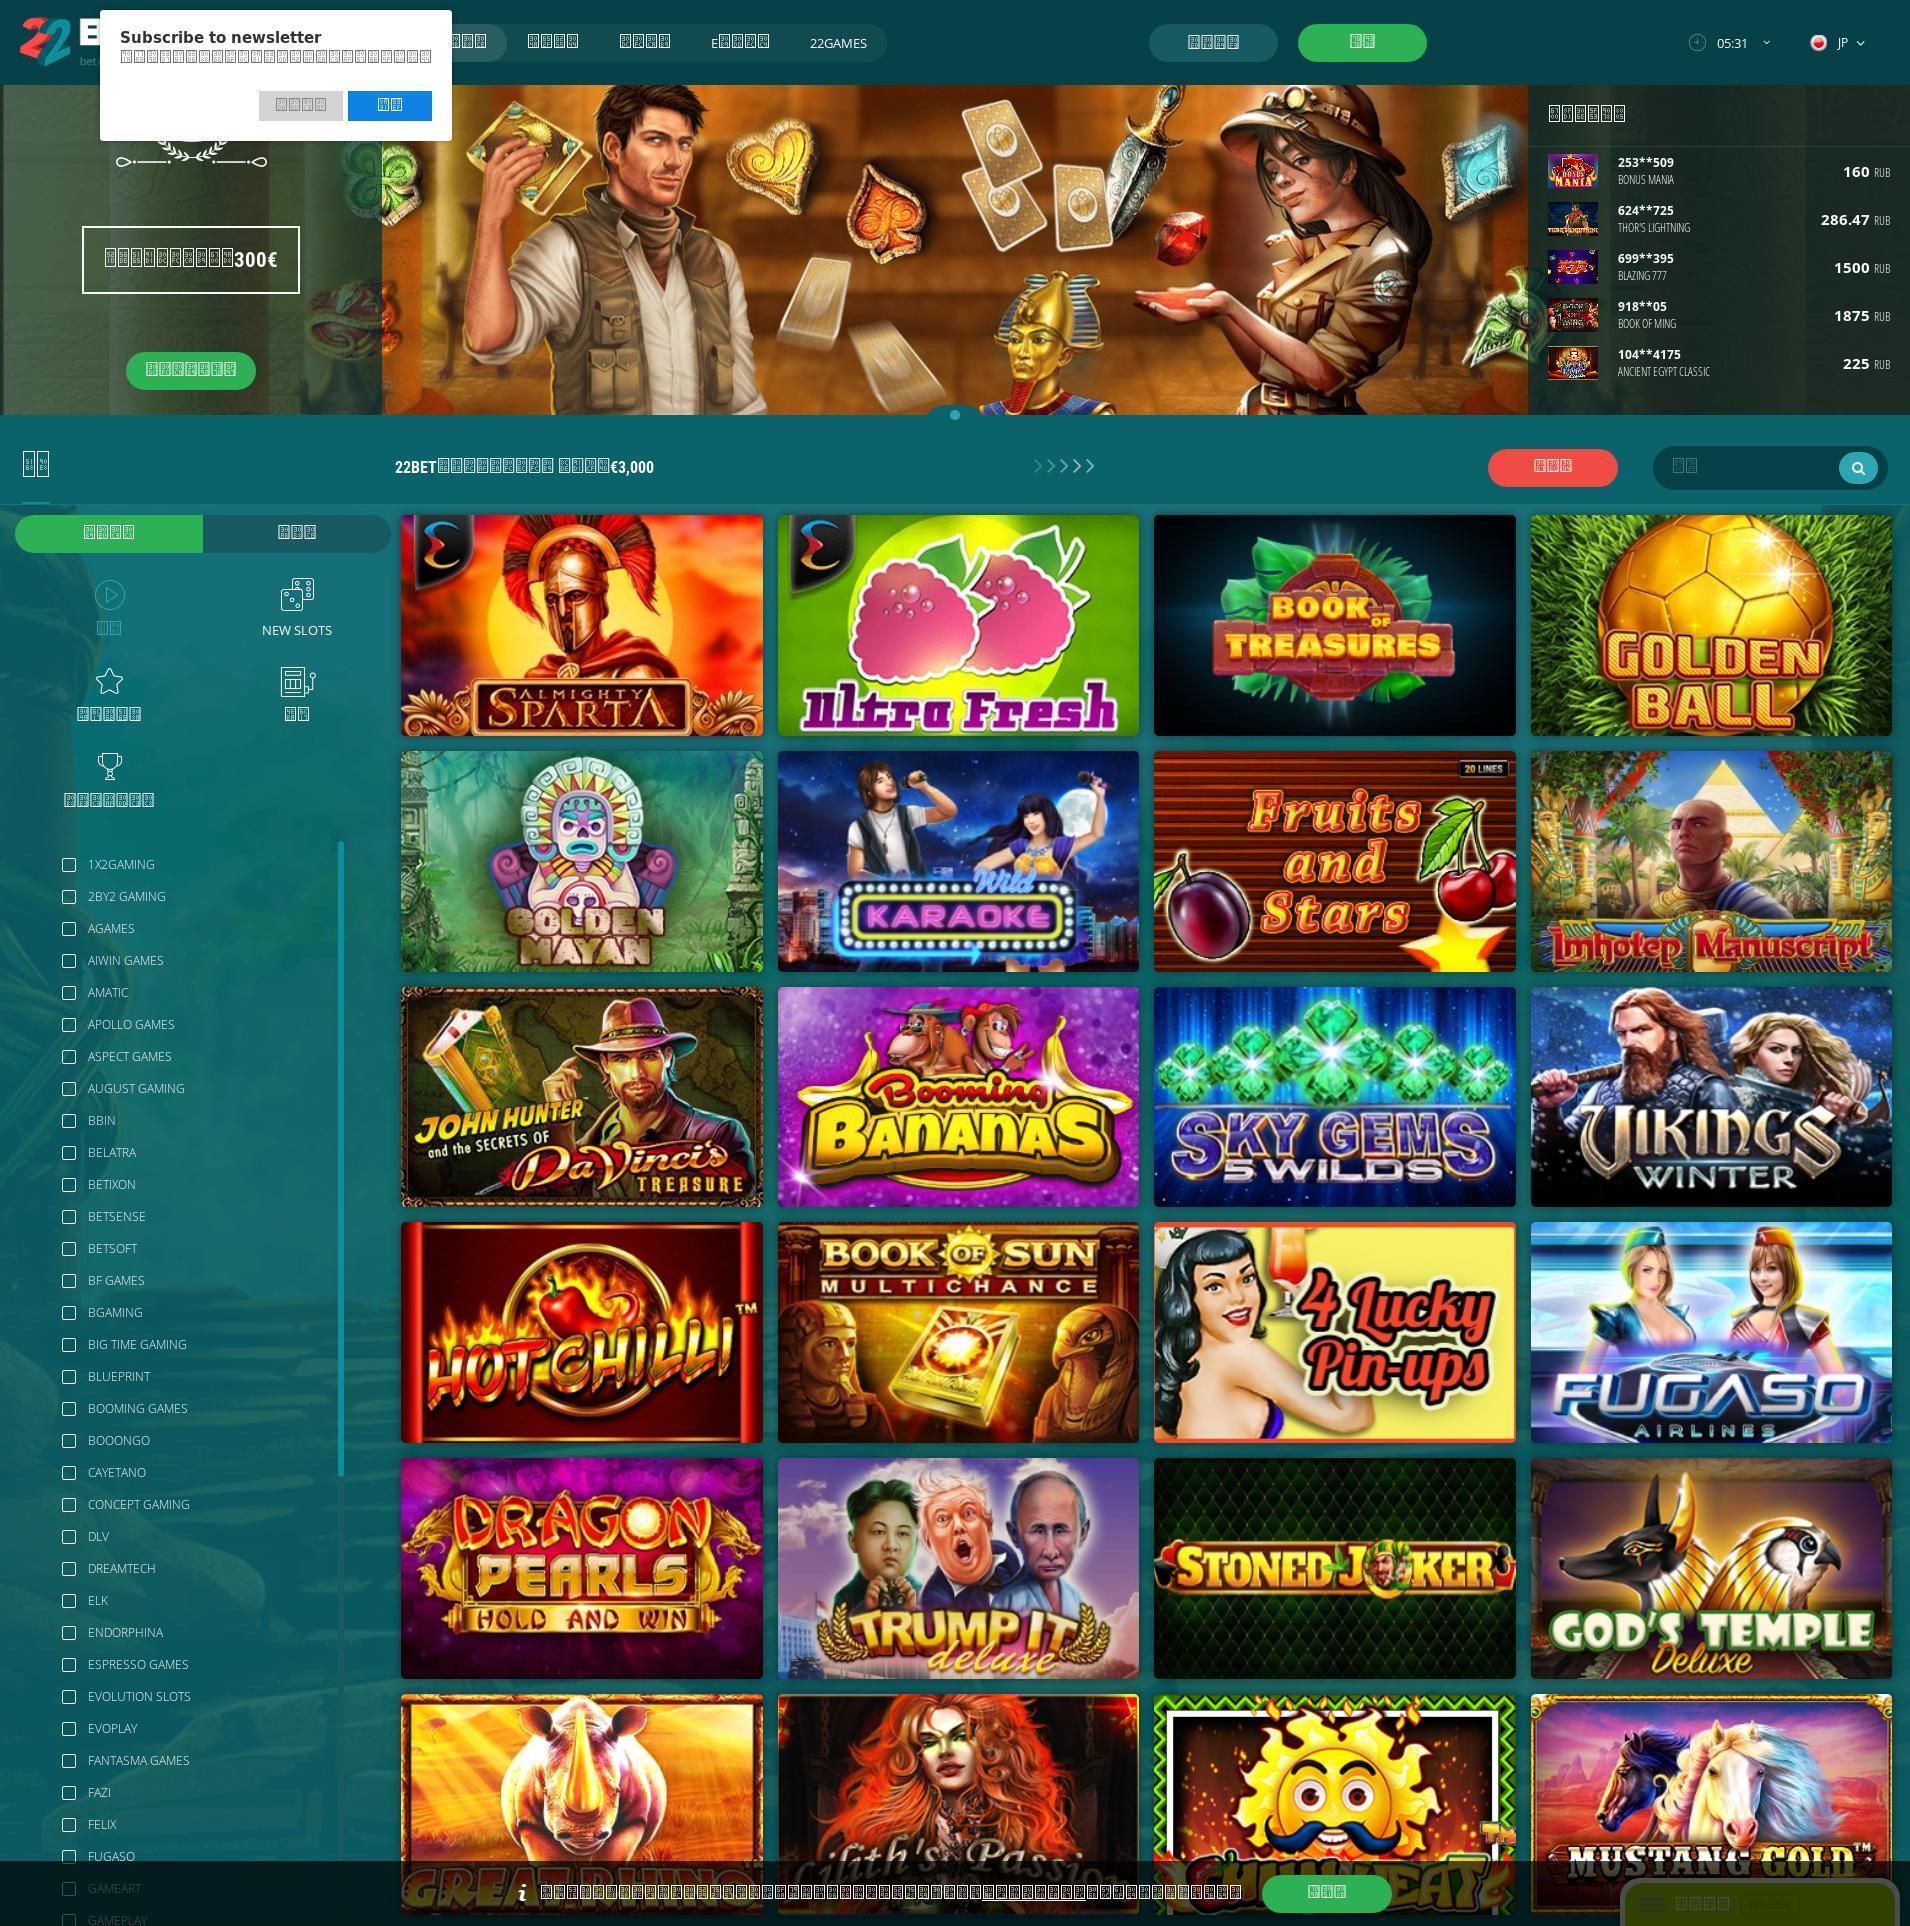 カジノのスクリーン Lobby 2019-08-16 ために 日本